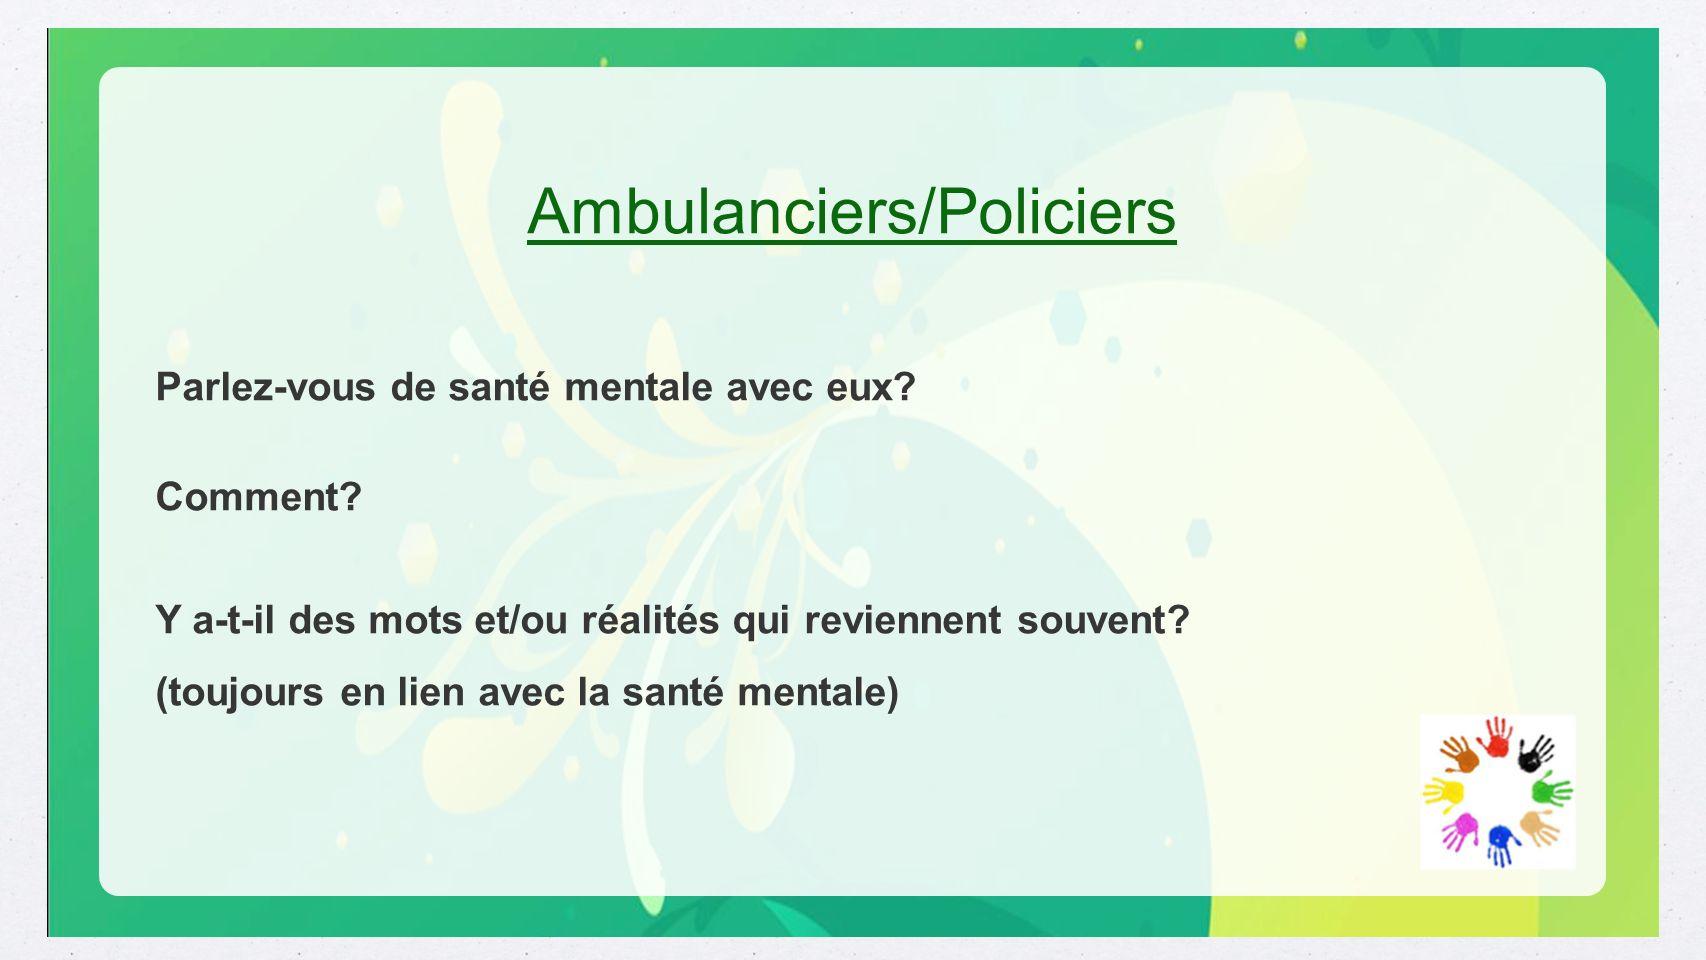 Ambulanciers/Policiers Parlez-vous de santé mentale avec eux? Comment? Y a-t-il des mots et/ou réalités qui reviennent souvent? (toujours en lien avec